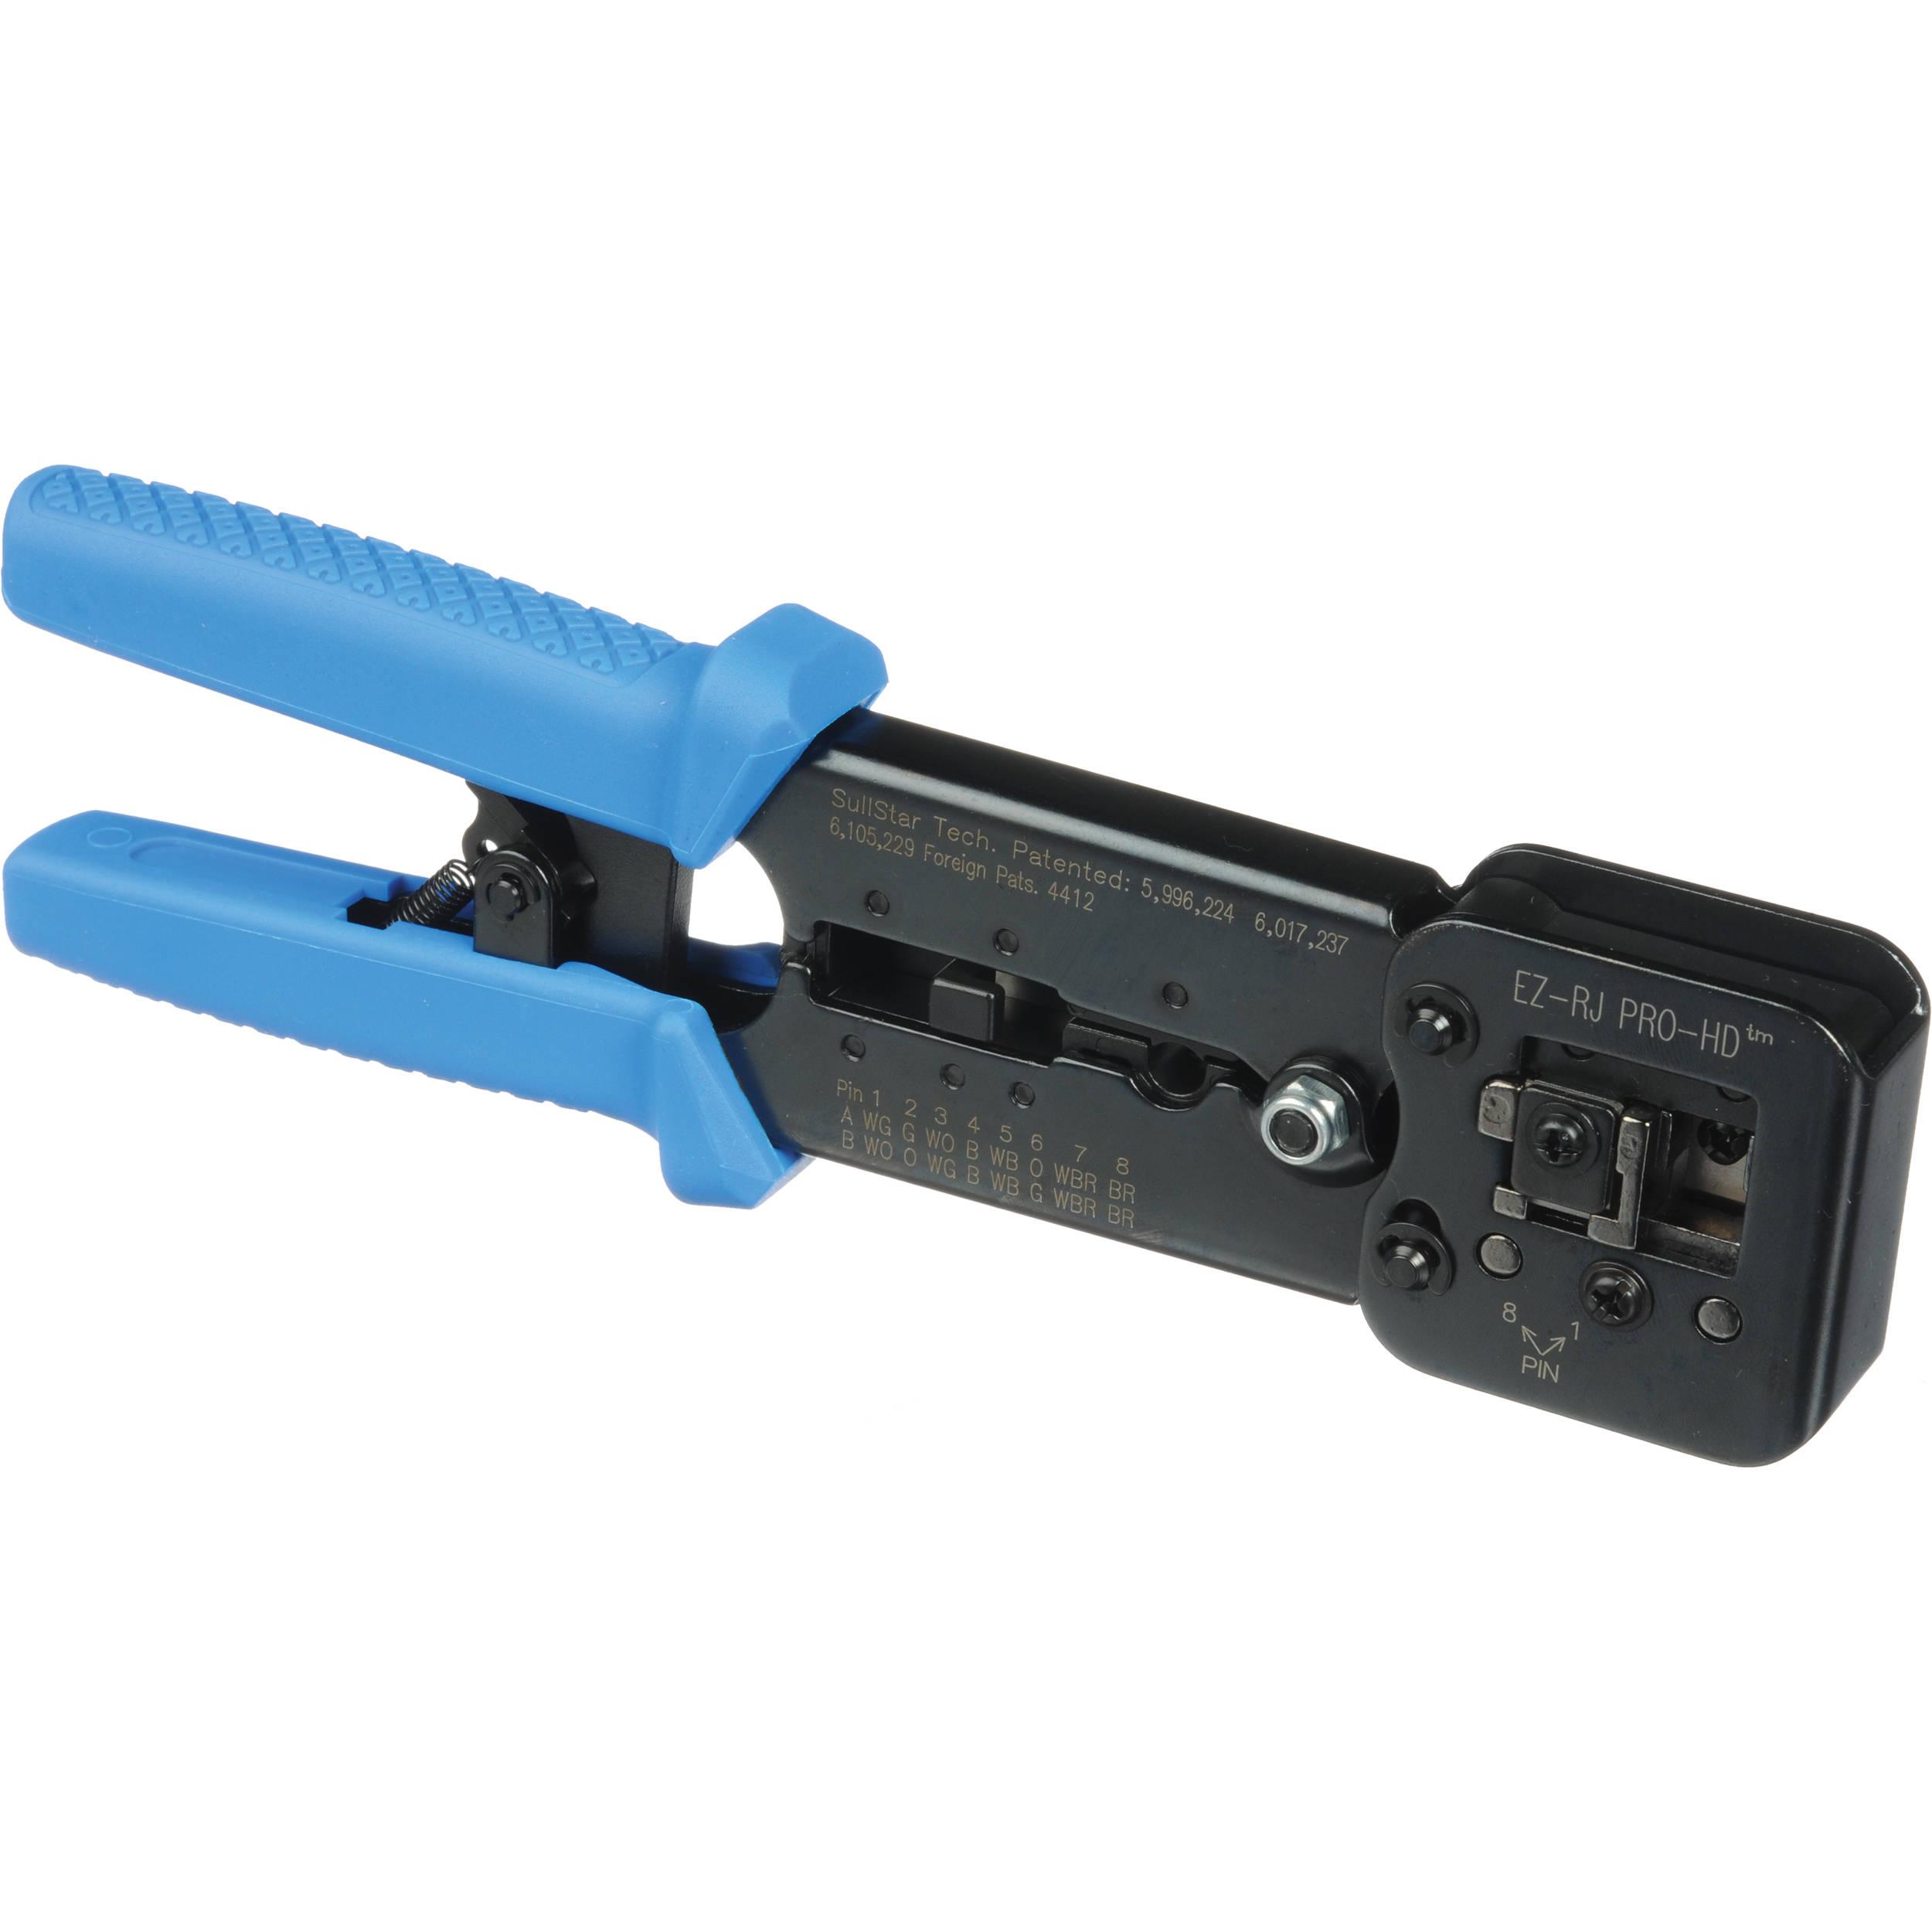 Platinum Tools 100054C EZ-RJPRO HD Crimp Tool 100054C B&H ... Hd Tools